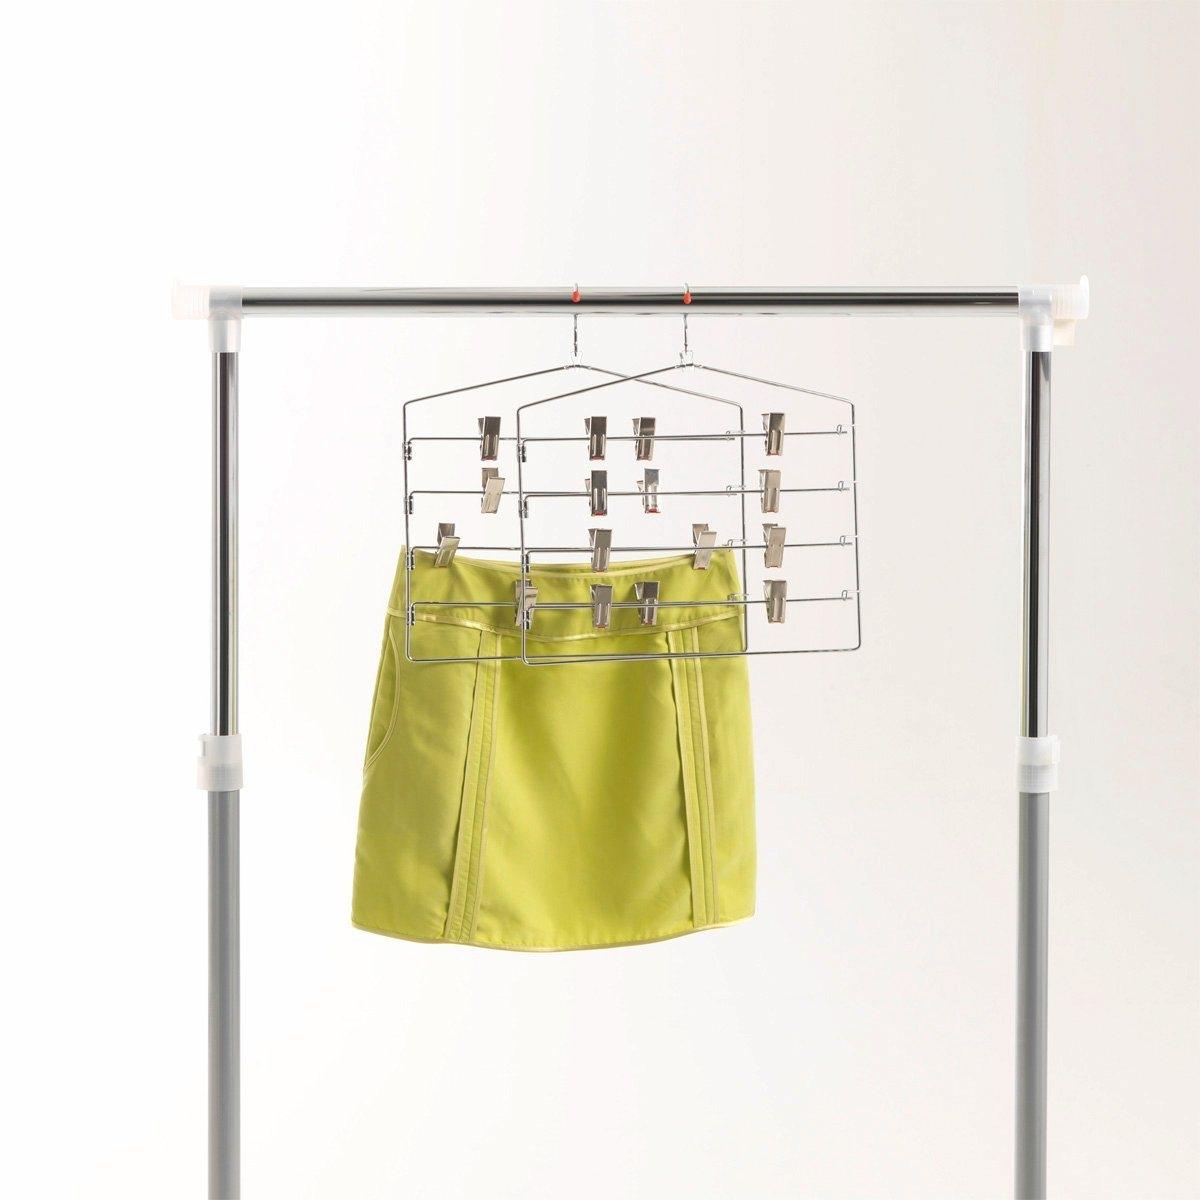 2 вешалки для 4 юбок.Экономит пространство в вашем шкафу: 4 юбки висят на одной вешалке! Описание вешалки для 4 юбок: - 4 планки 8 крючками-фиксаторами.- Хромированный металл.Размеры:- Длина 35 x Высота 38,5 x Ширина 2,8 см.<br><br>Цвет: серый серебристый